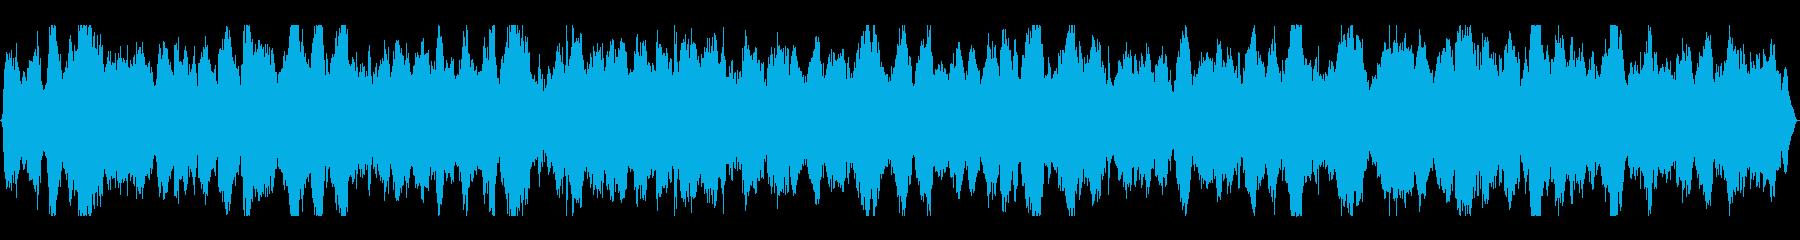 海・波音・カモメの鳴き声入りヒーリングの再生済みの波形